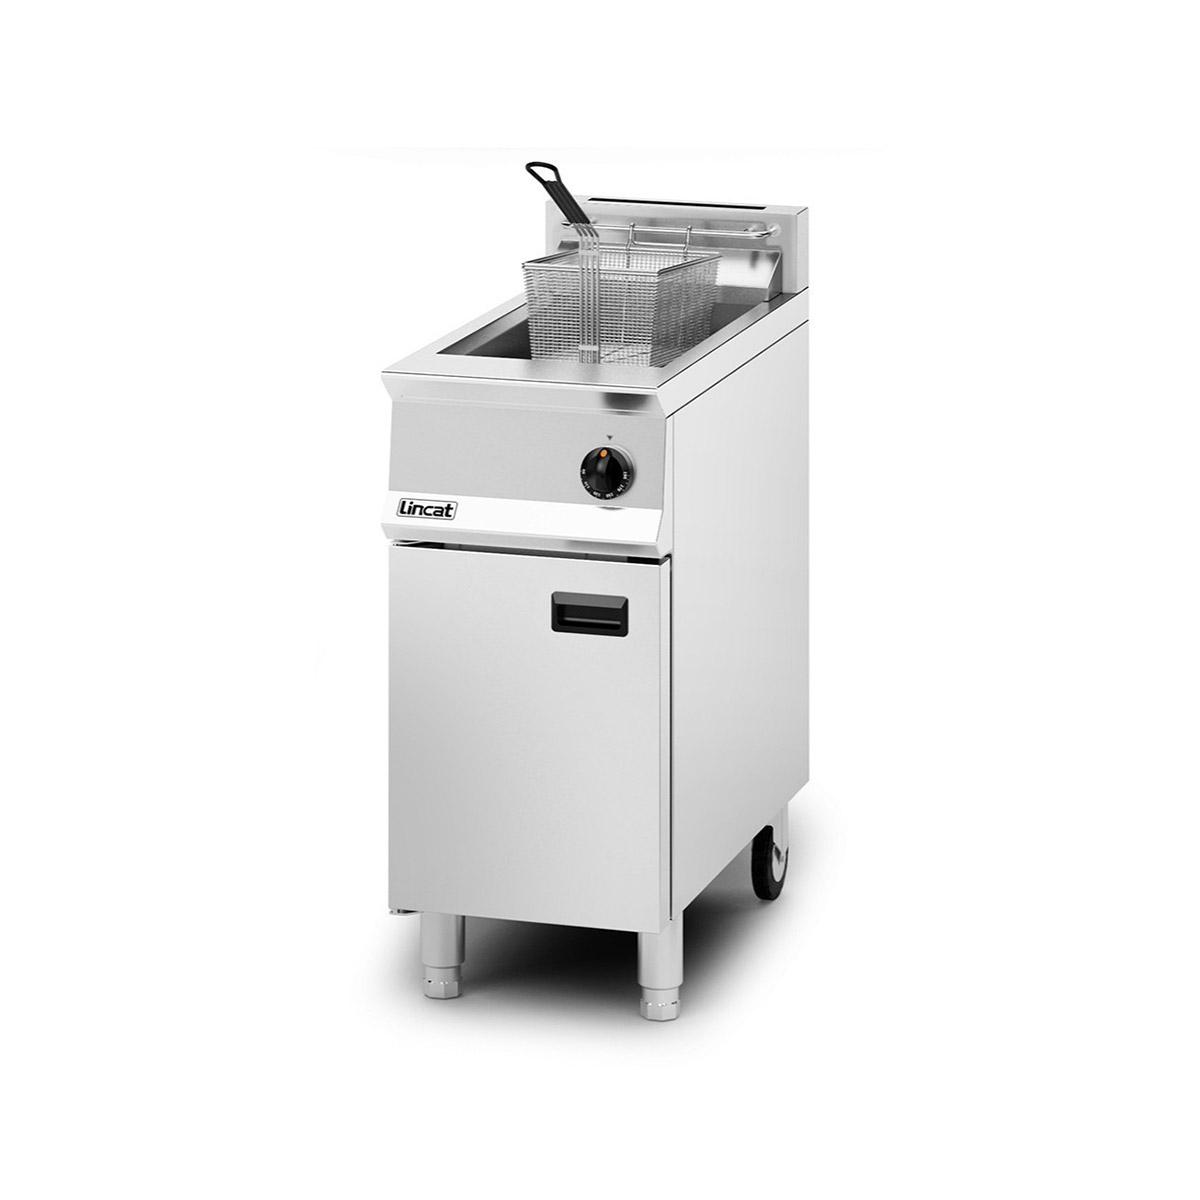 Lincat Opus 800 Gas Fryer Model: OG8106/P (Propane)